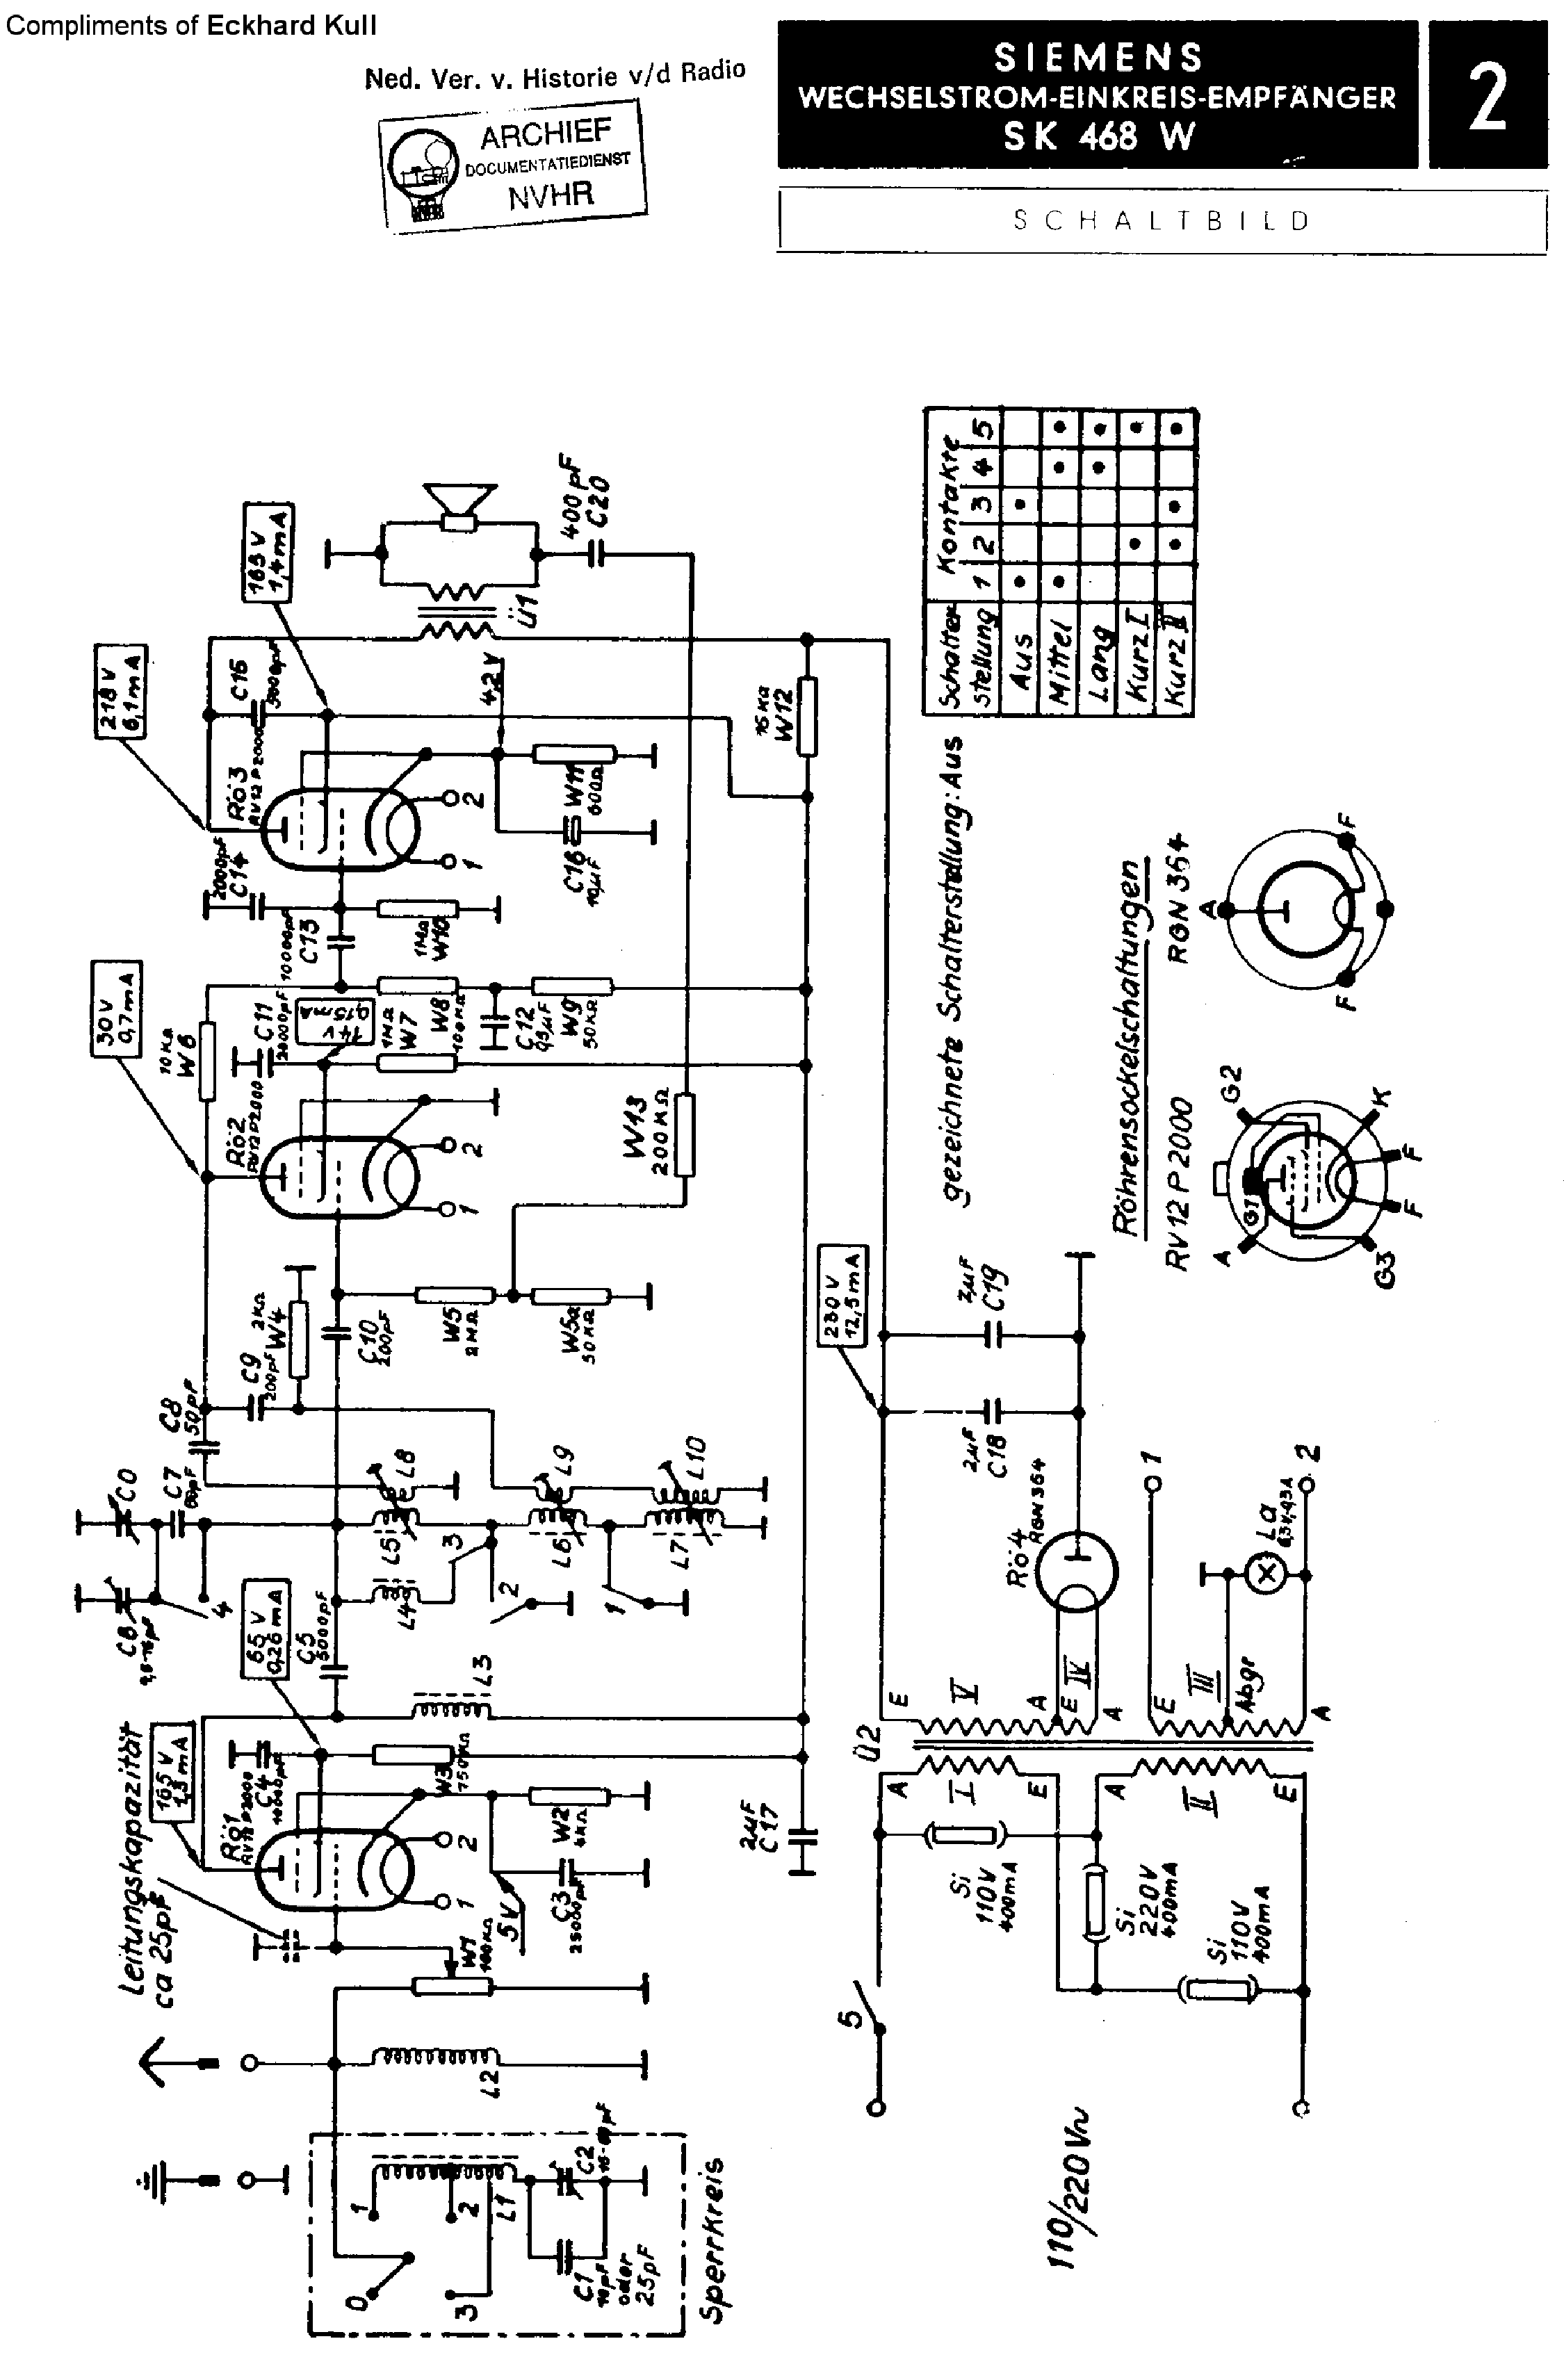 Siemens Sk468w Am Receiver Sch Service Manual Download Schematics 1st Page